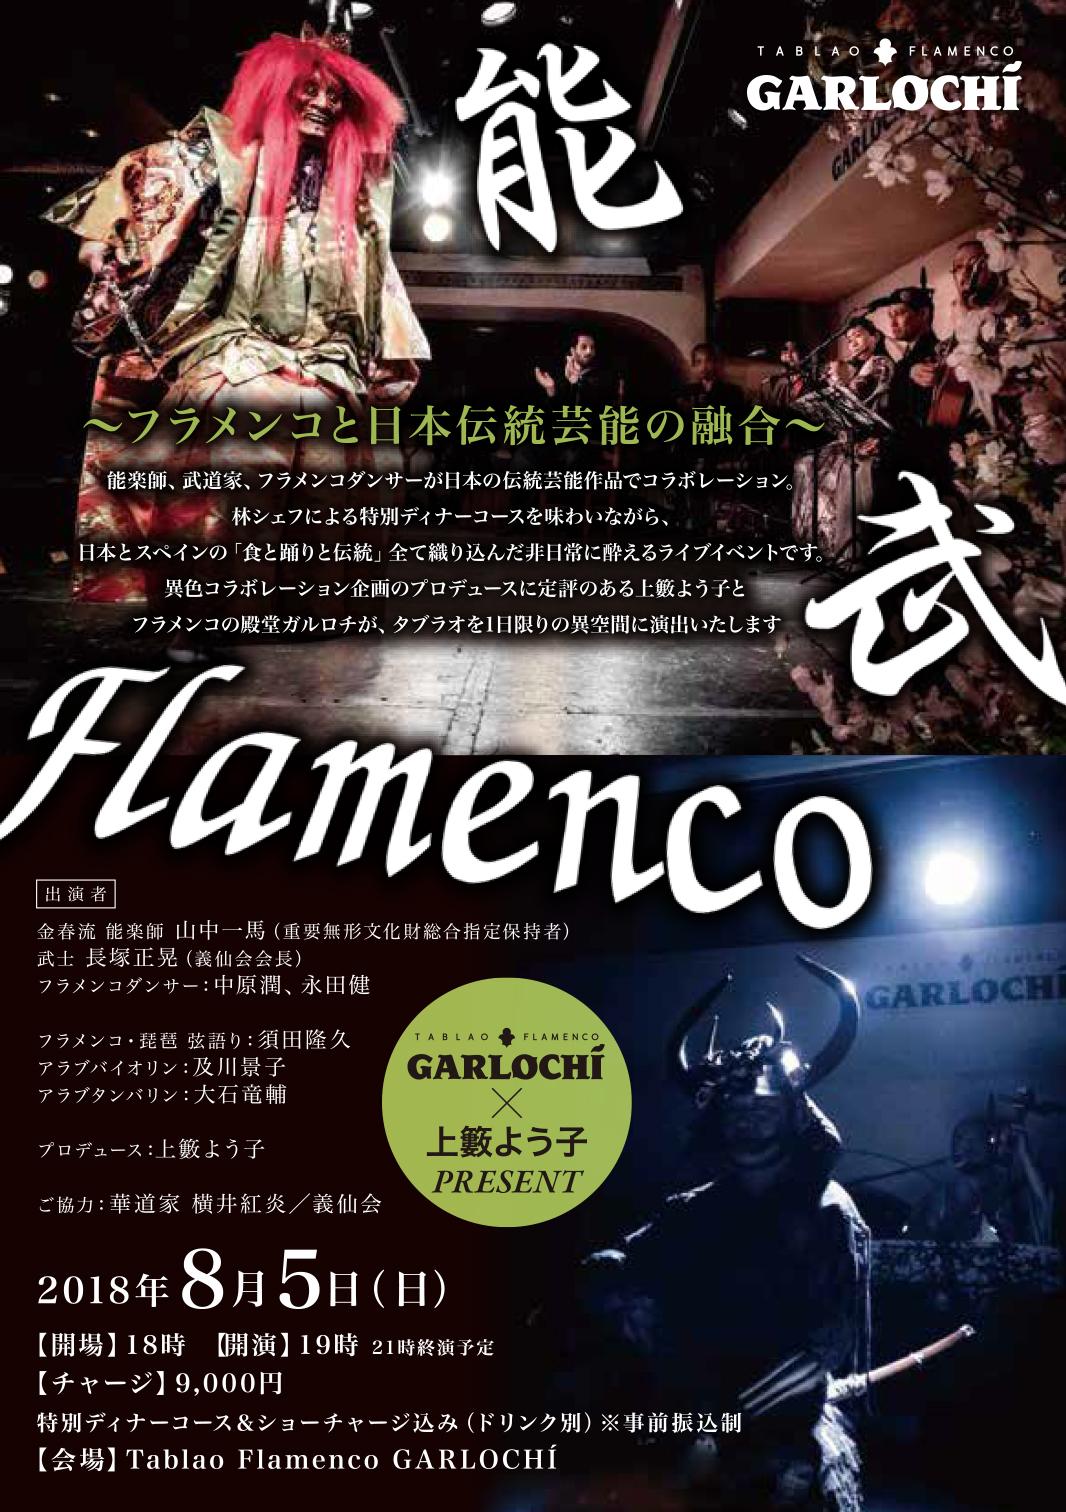 2018年8月5日(日)「能×武×フラメンコevent」  Garlochi×上籔洋子Present 〜フラメンコと日本伝統芸能の融合〜